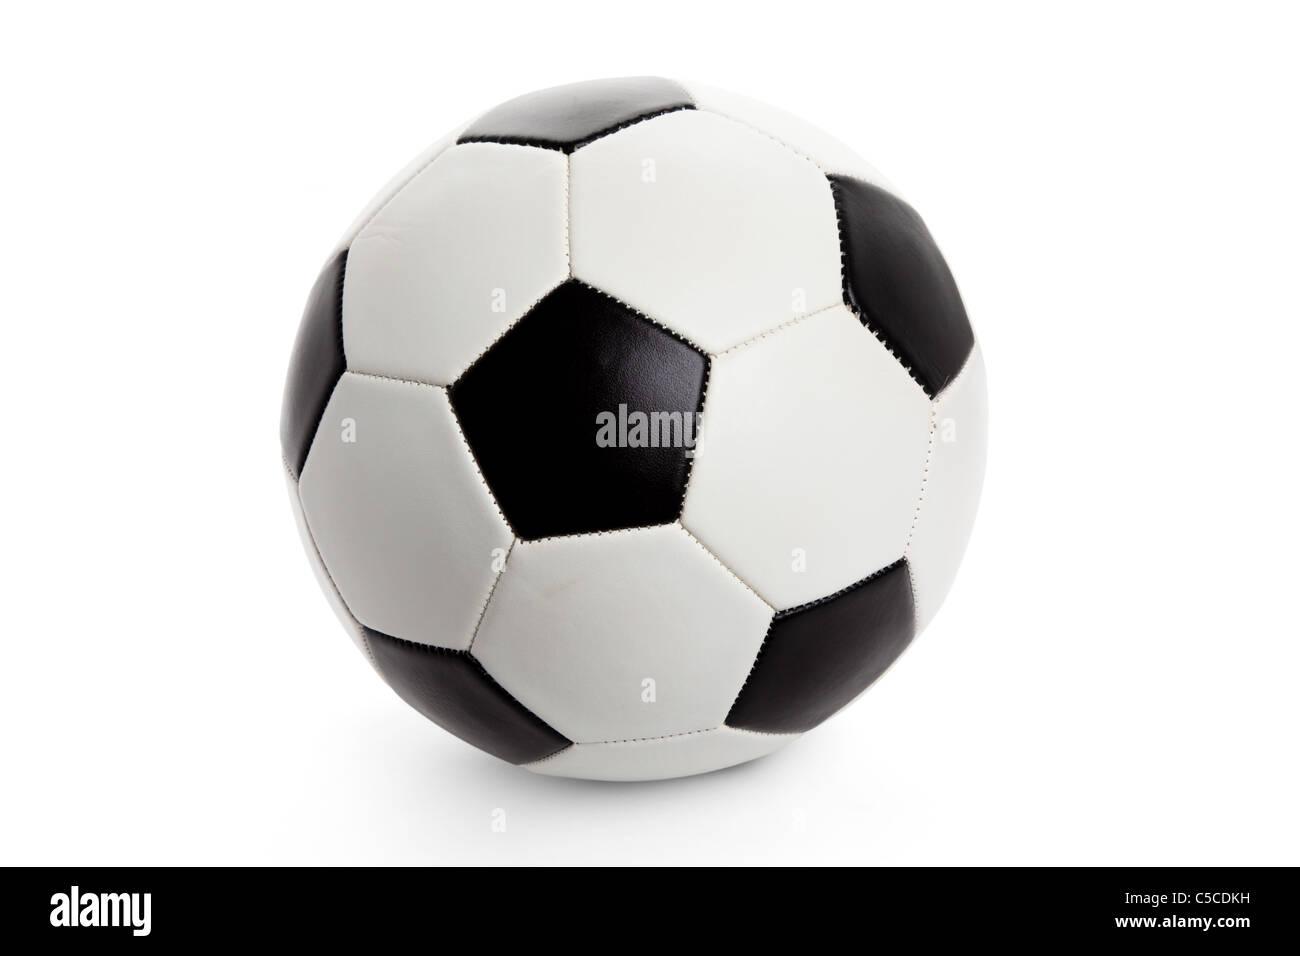 Pallone da calcio, calcio isolati su sfondo bianco Immagini Stock